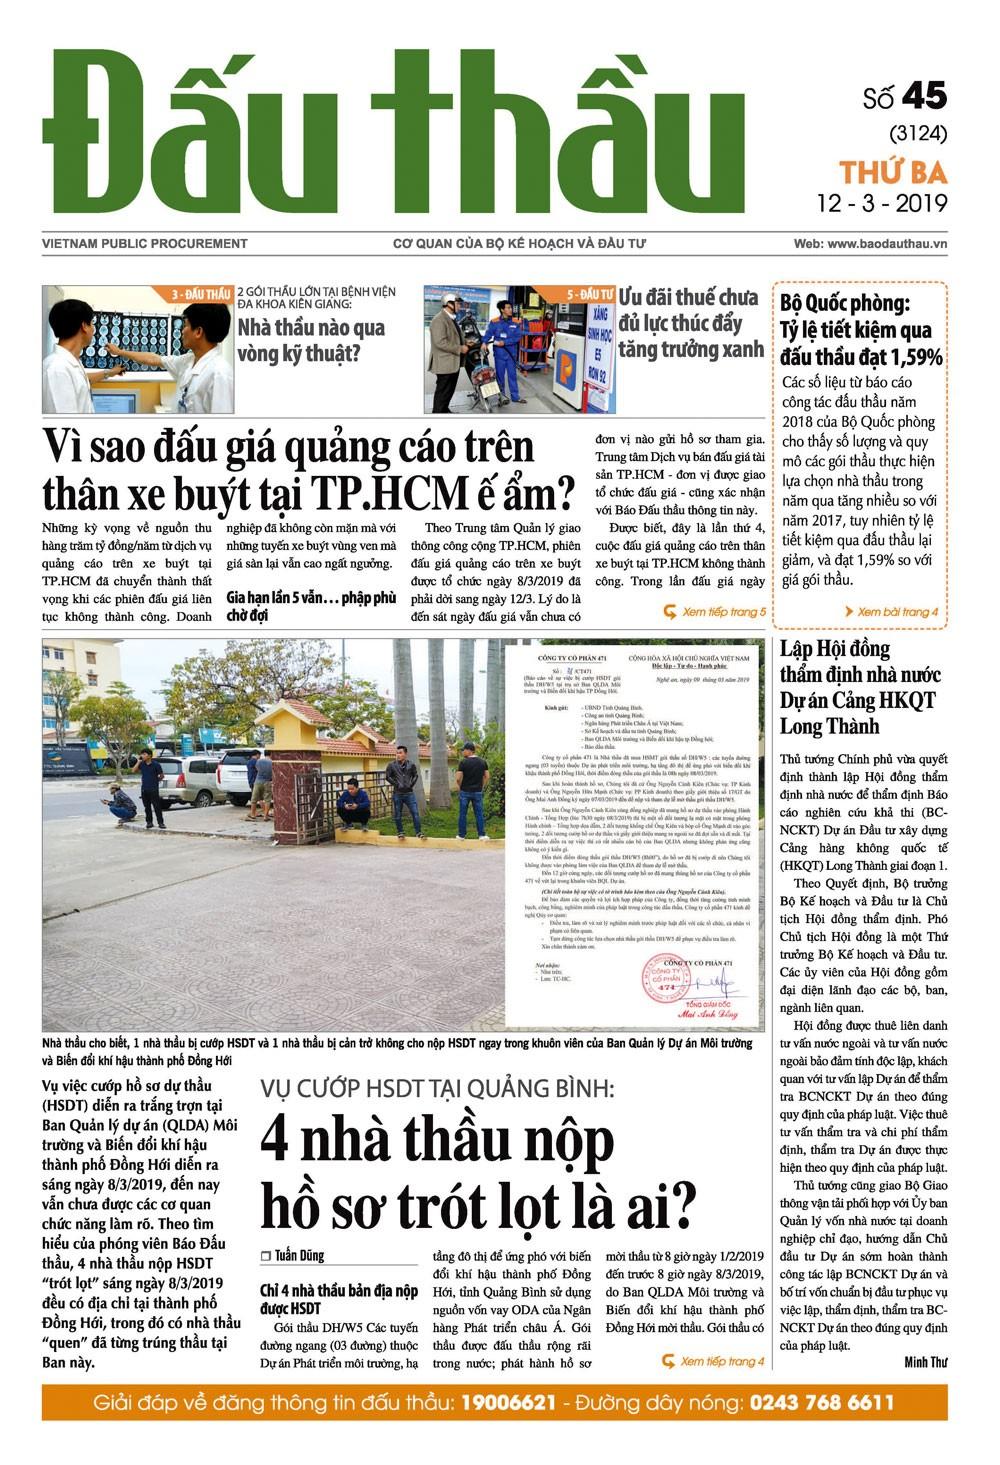 Báo Đấu thầu số 45 ra ngày 12/3/2019